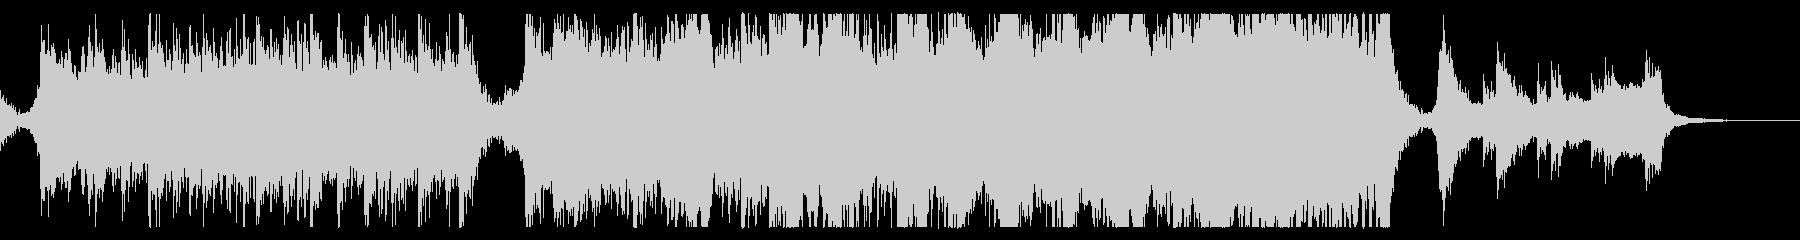 ハリウッド映画風の壮大オーケストラ12Bの未再生の波形